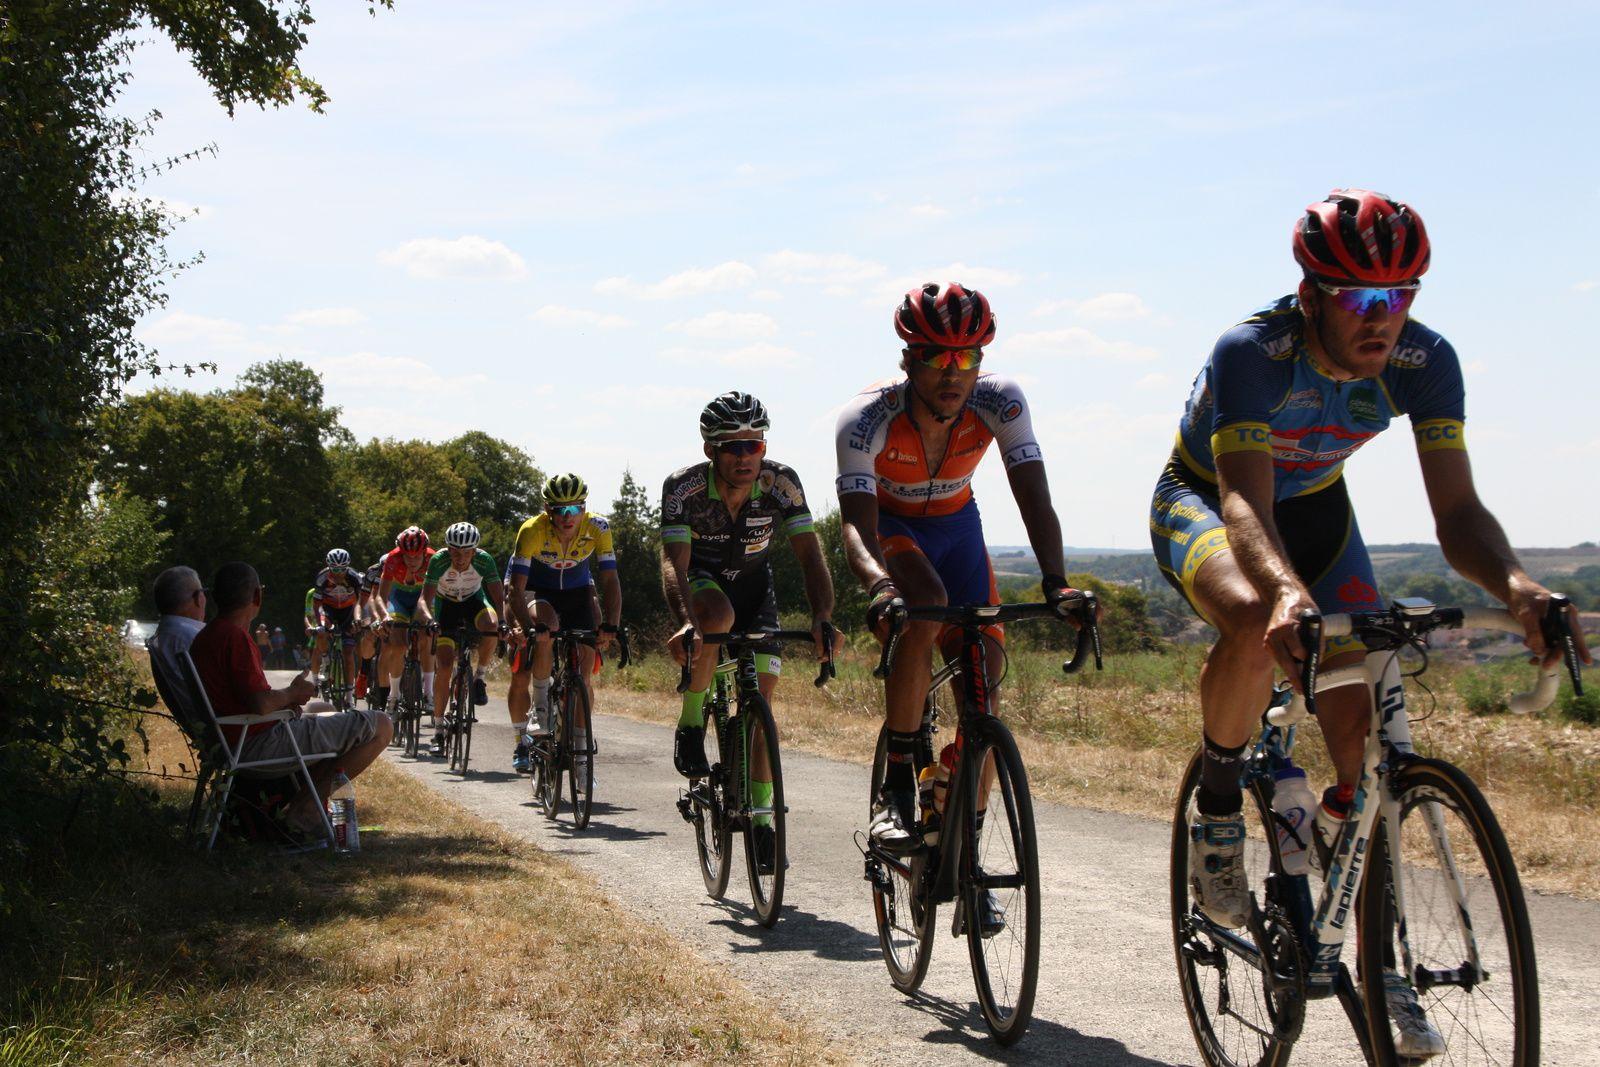 Le  peloton  s'étire  dans  cette  bosse  et  des  coureurs  sont  lachés  dont  Clément  SAINT MARTIN  et  Martial  ROMAN  un  ancien  vainqueur